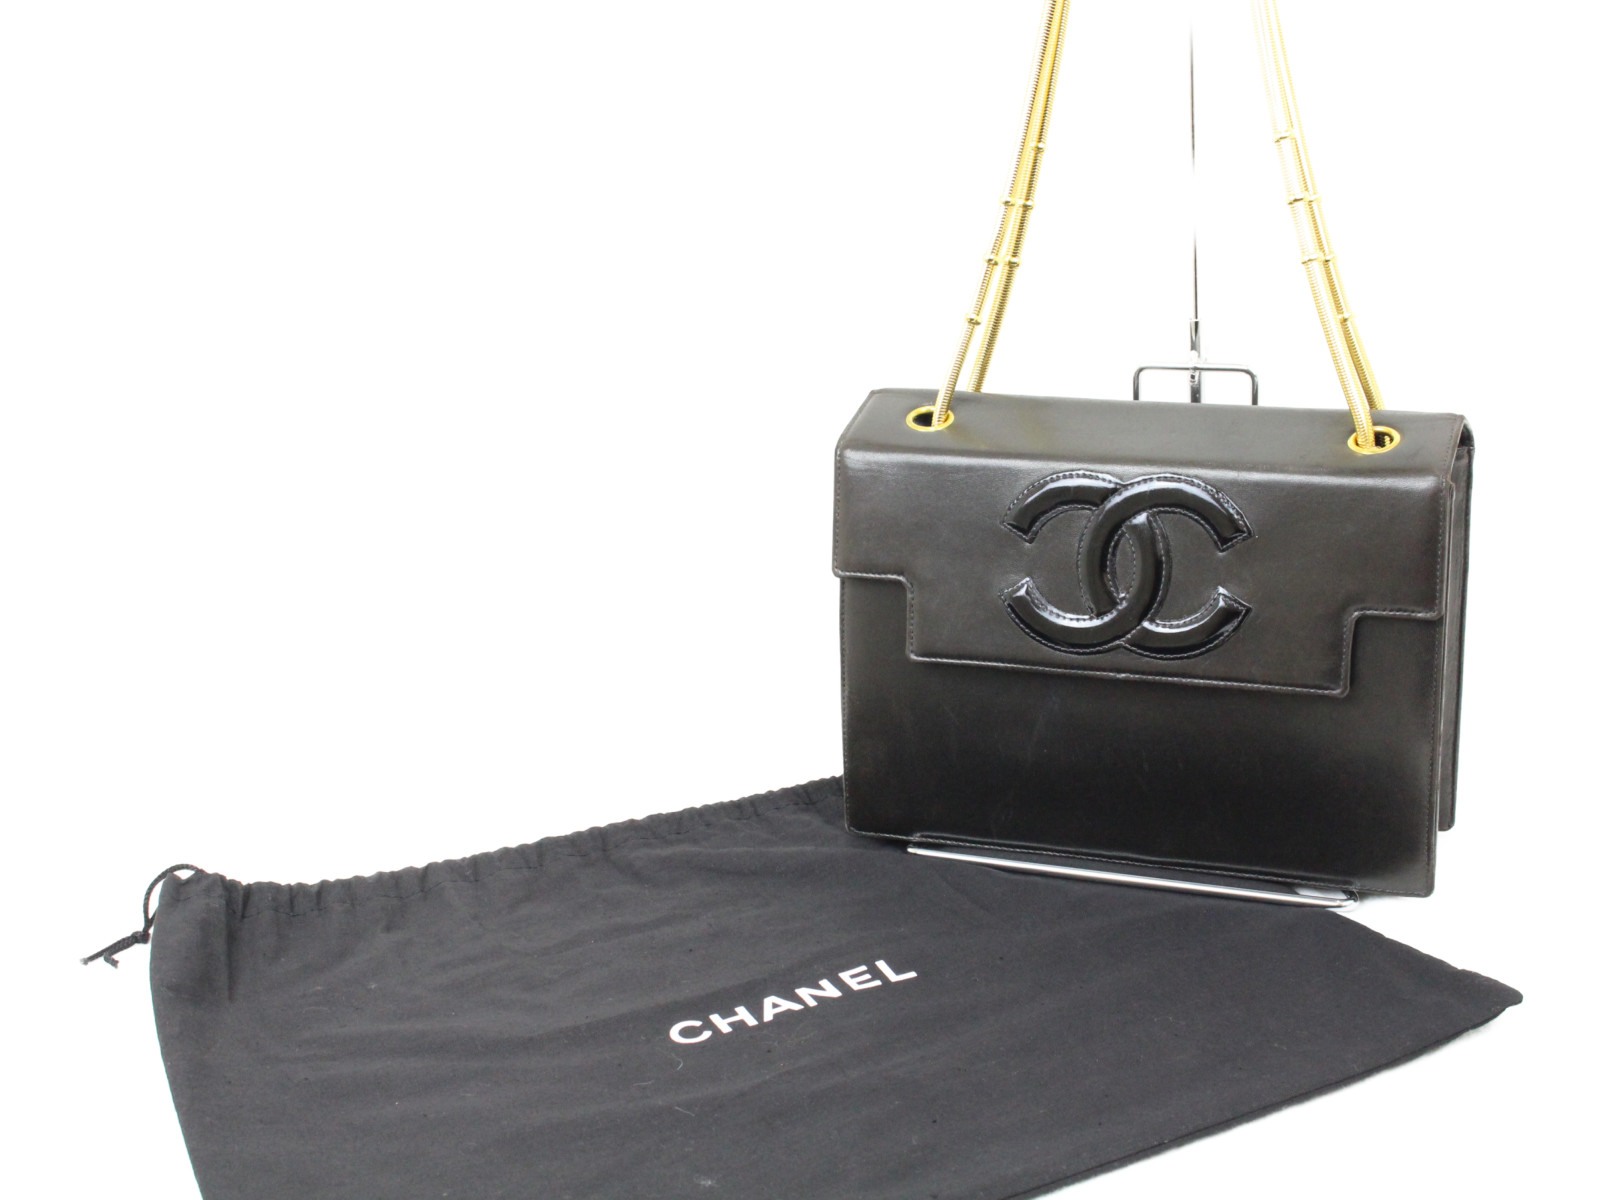 CHANEL シャネル スネークチェーンシェルダー ブラック ゴールド金具 レディース オシャレ シンプル ギフト【中古】